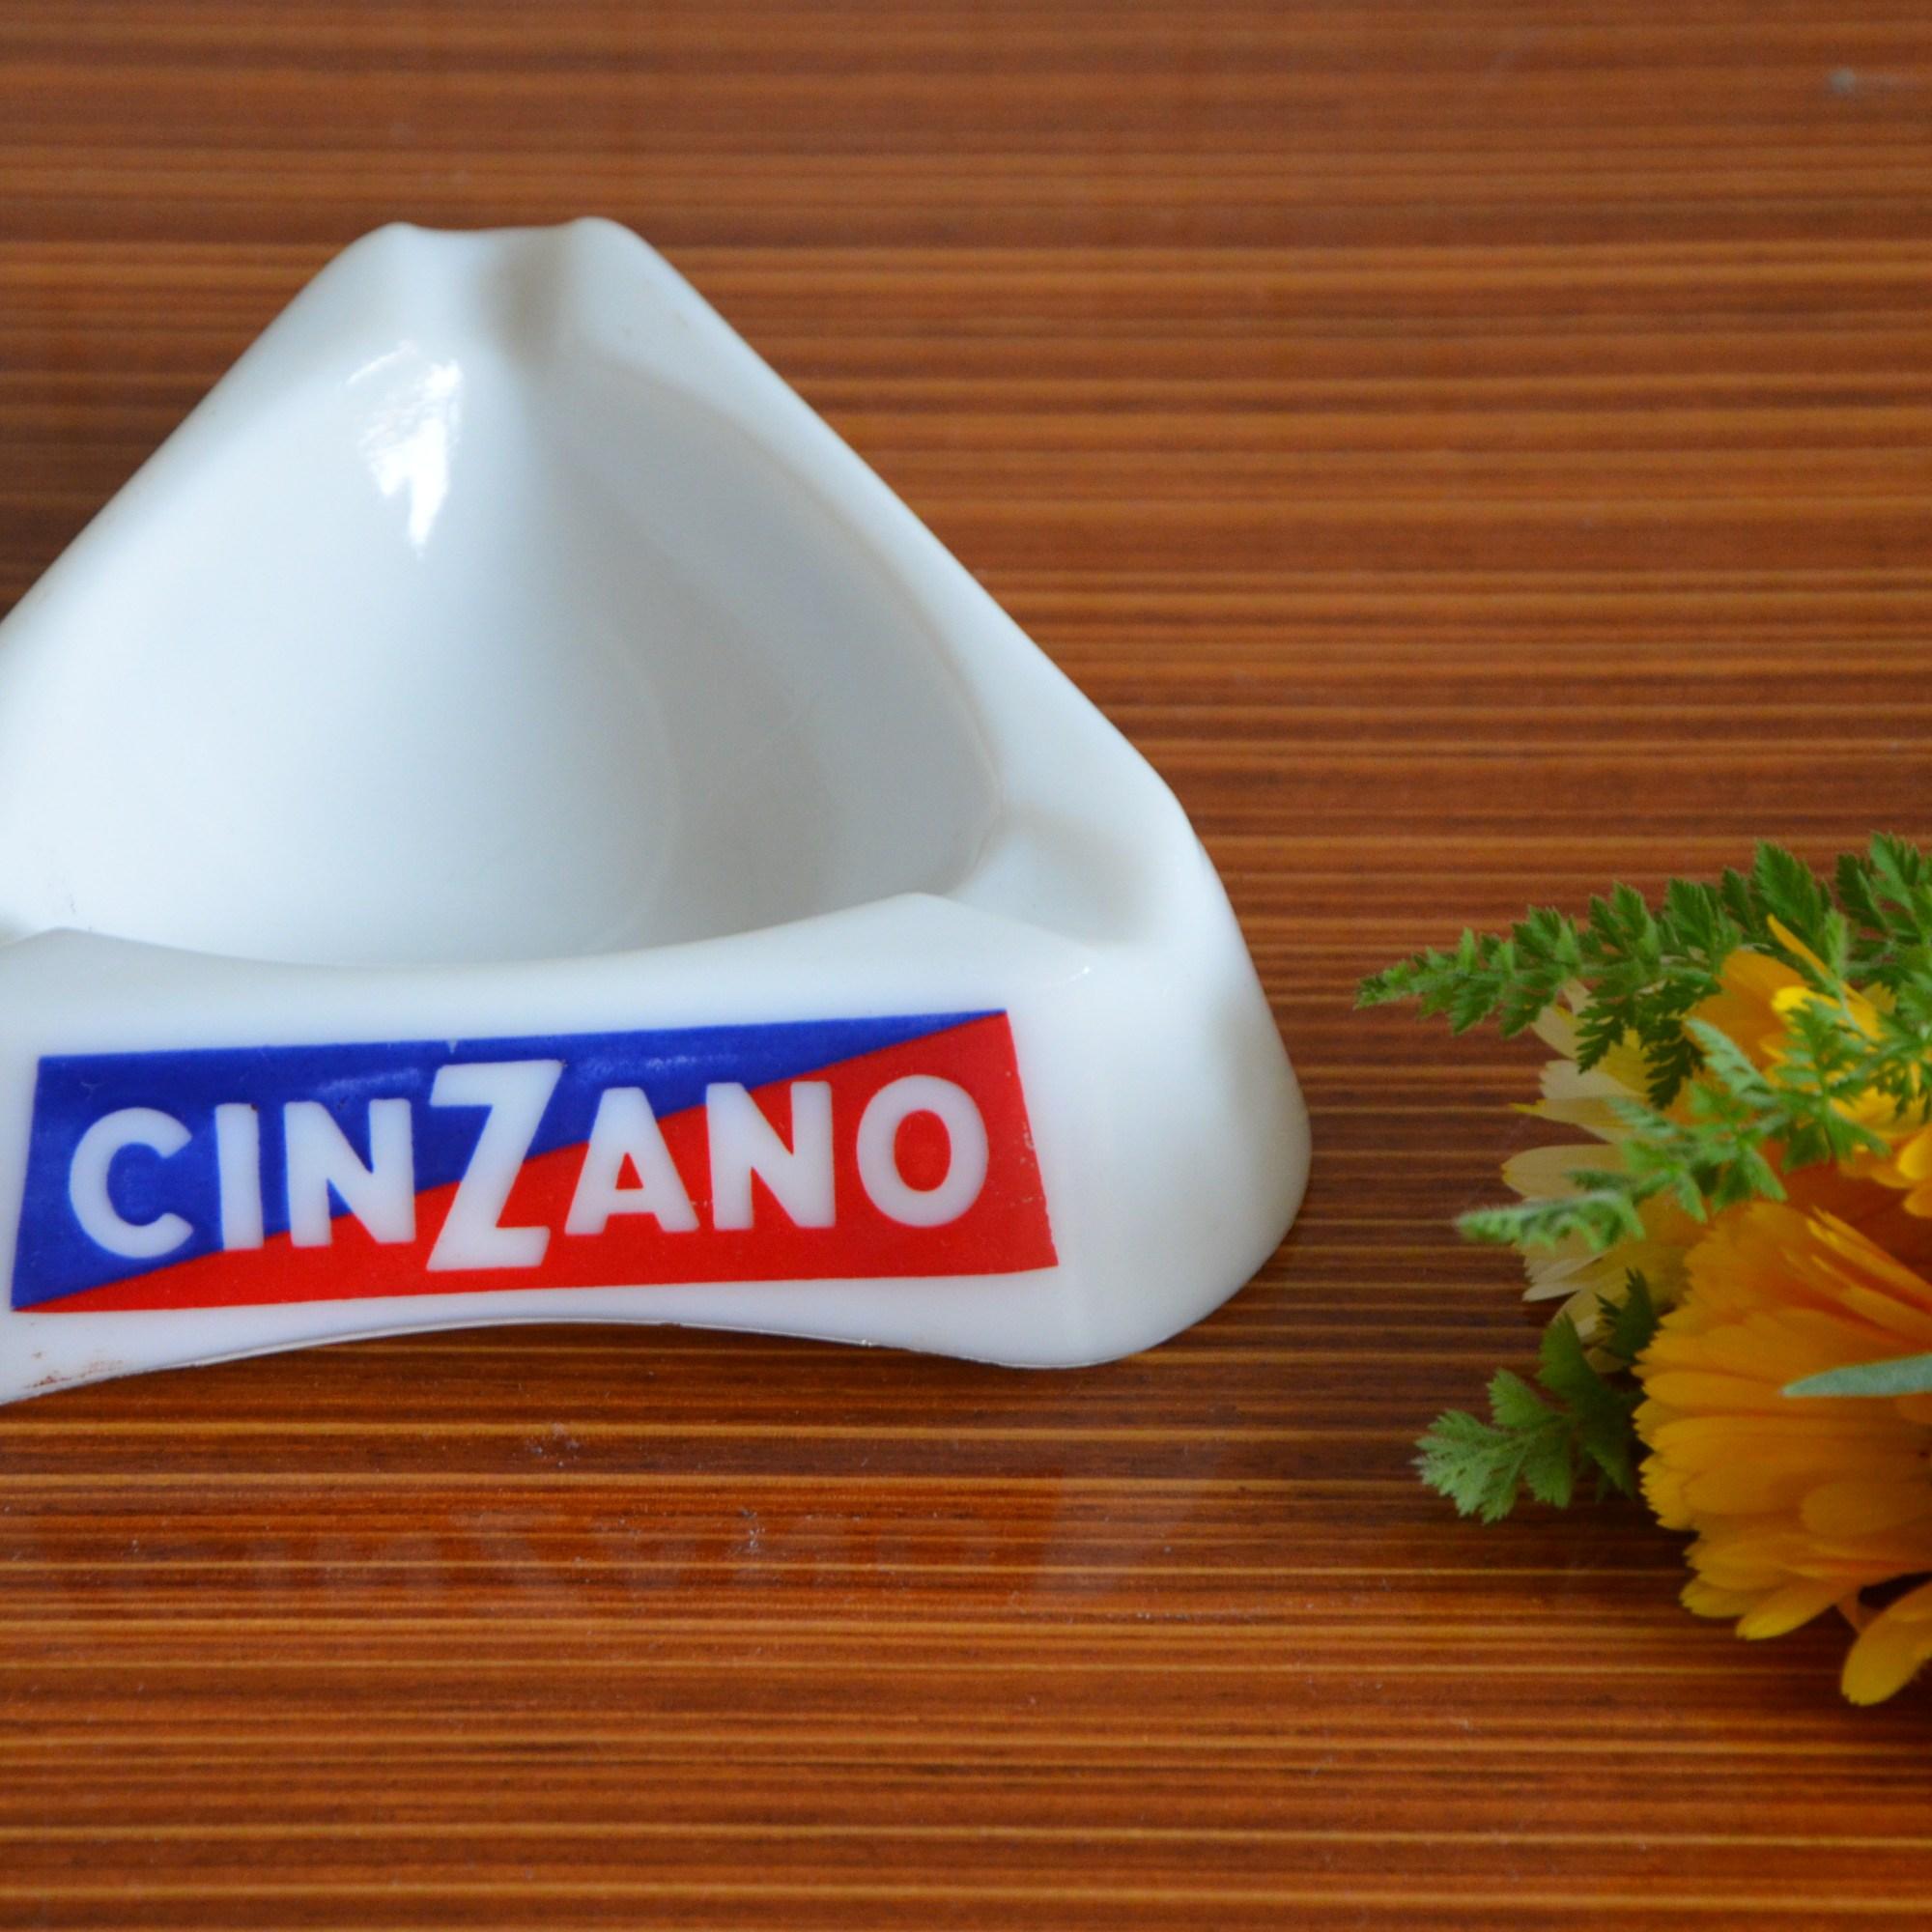 Cendrier triangulaire publicitaire Cinzano blanc avec une typographie bleu et rouge. Le cinzano est un alcool, une sorte de vermouth.